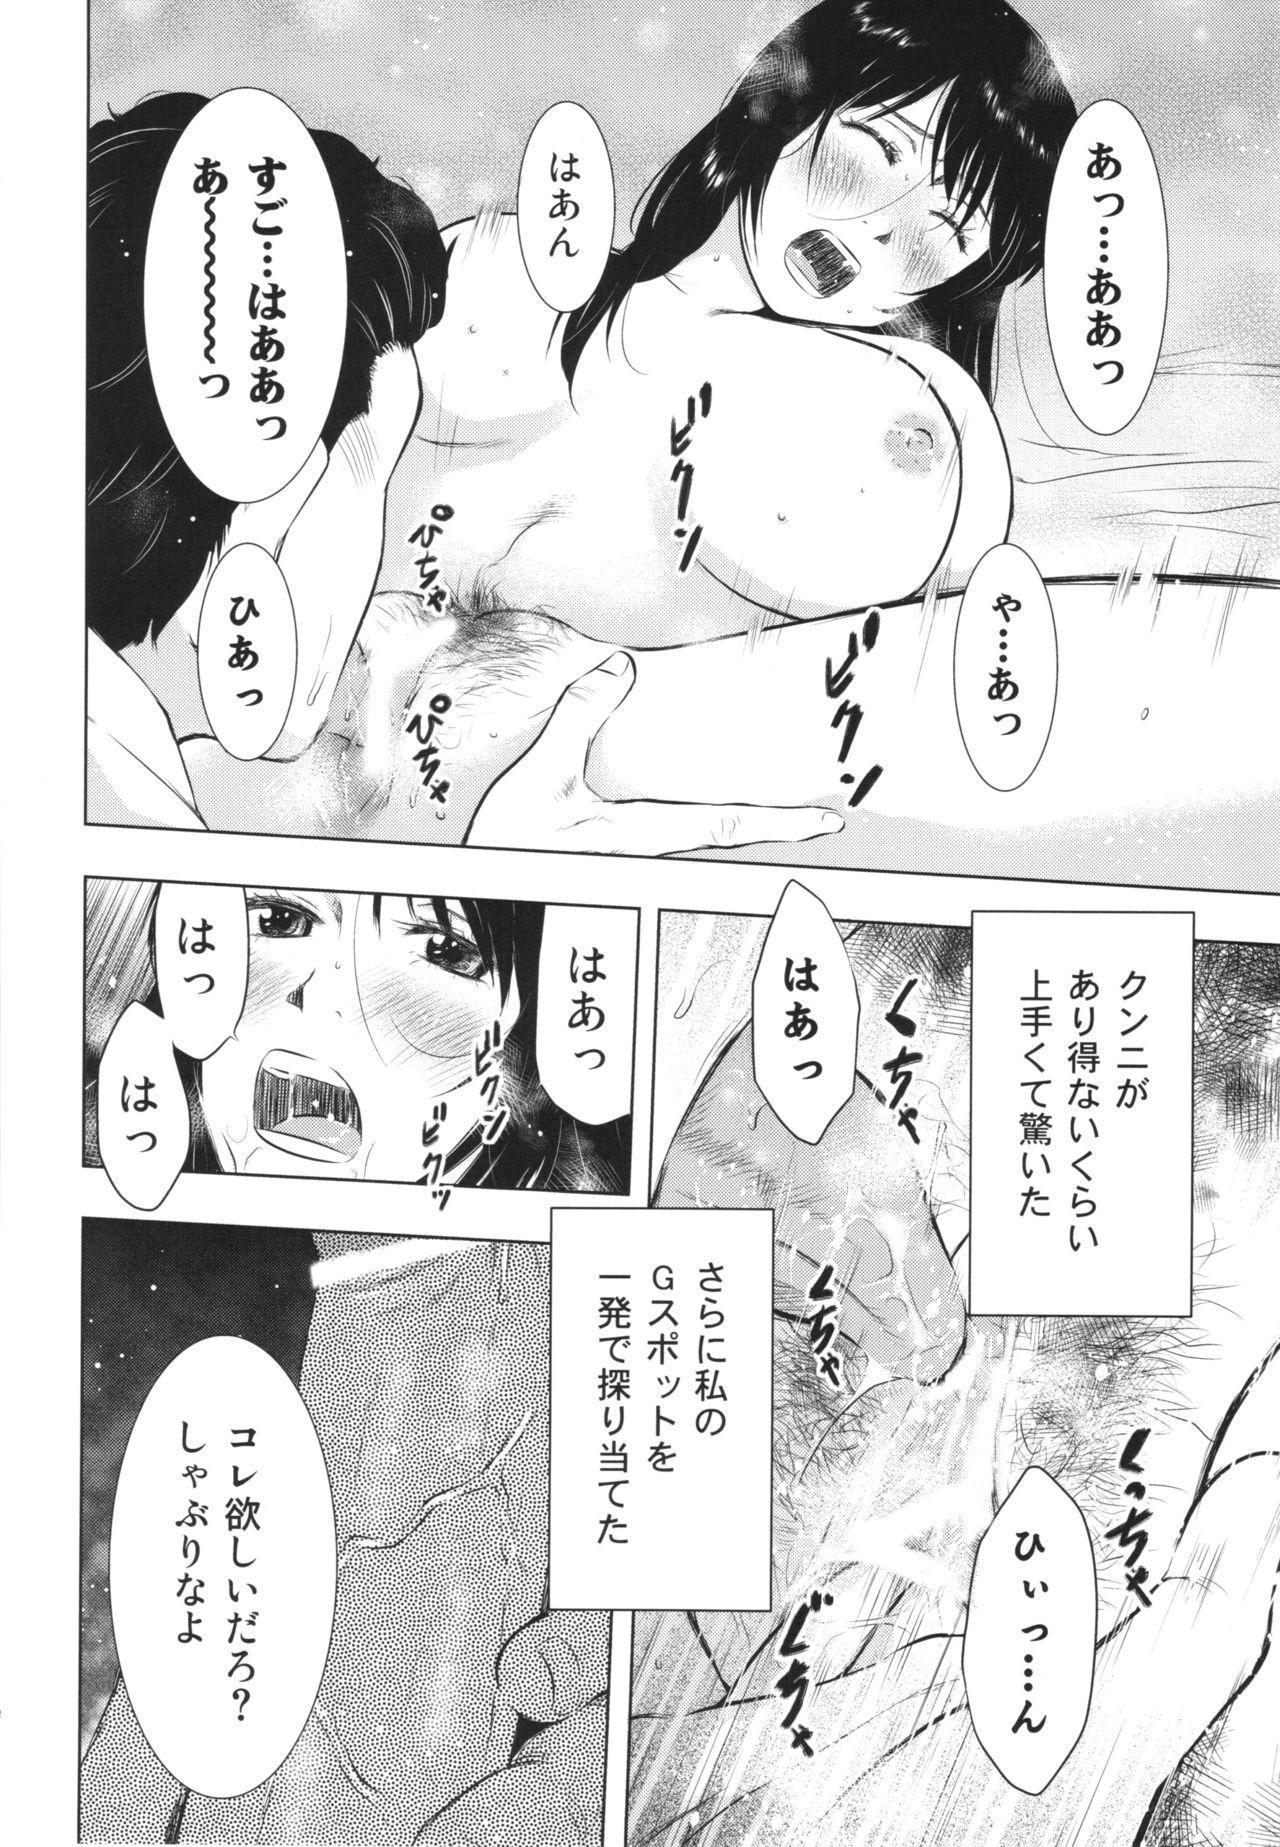 Hitozuma Zukan 2 51